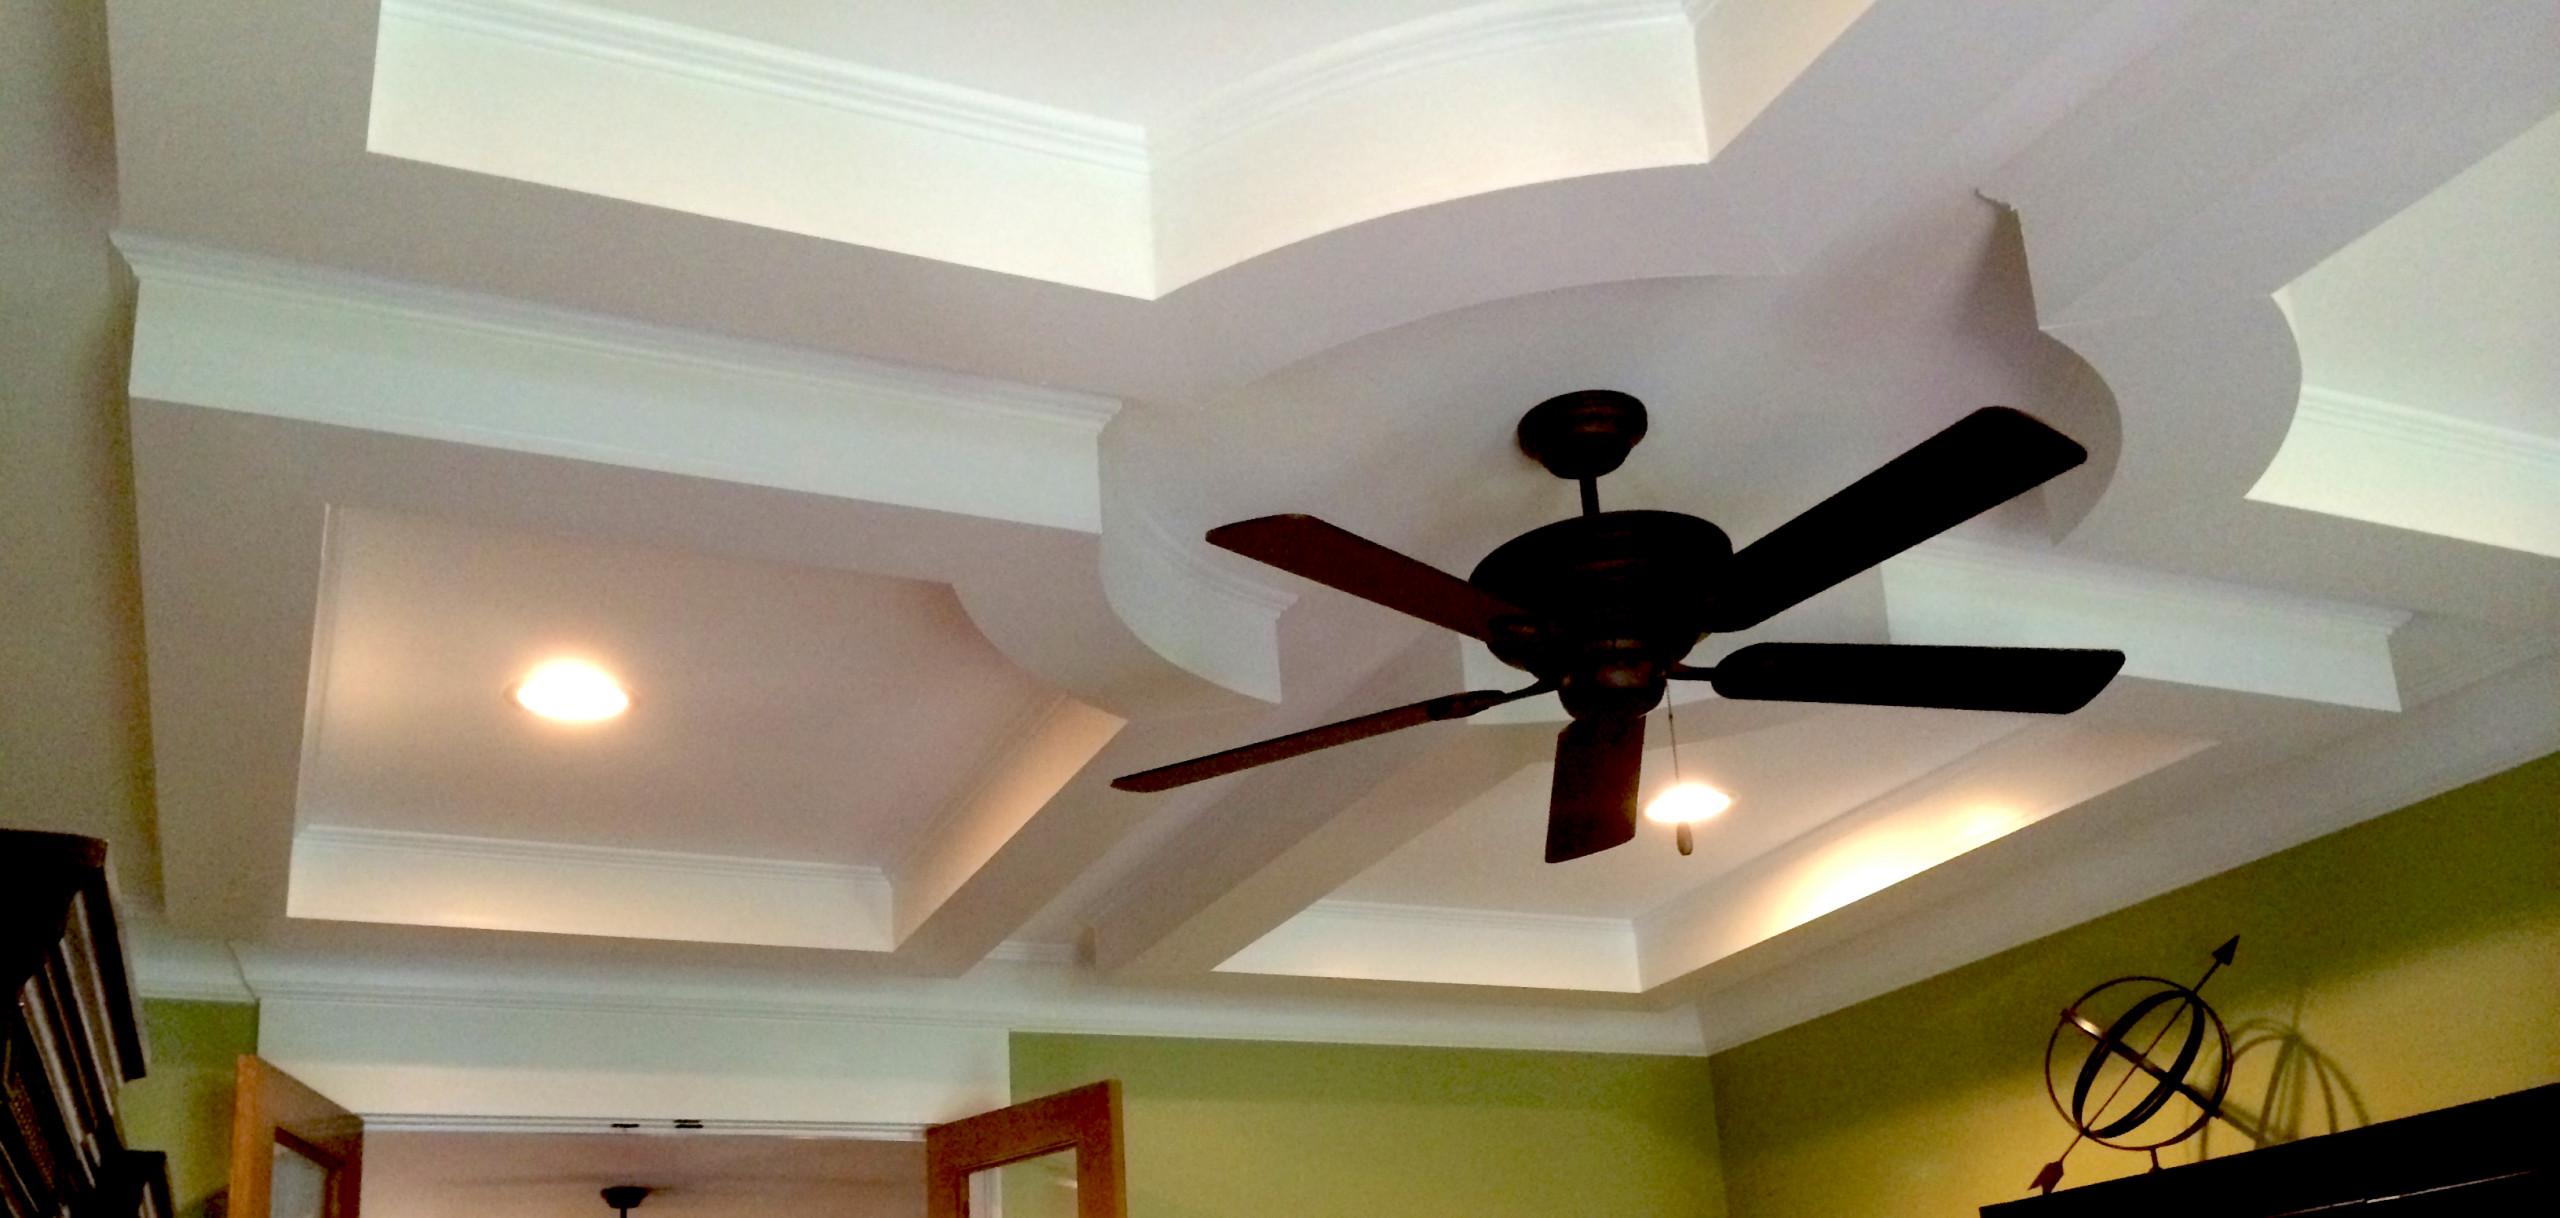 Entire Home Design